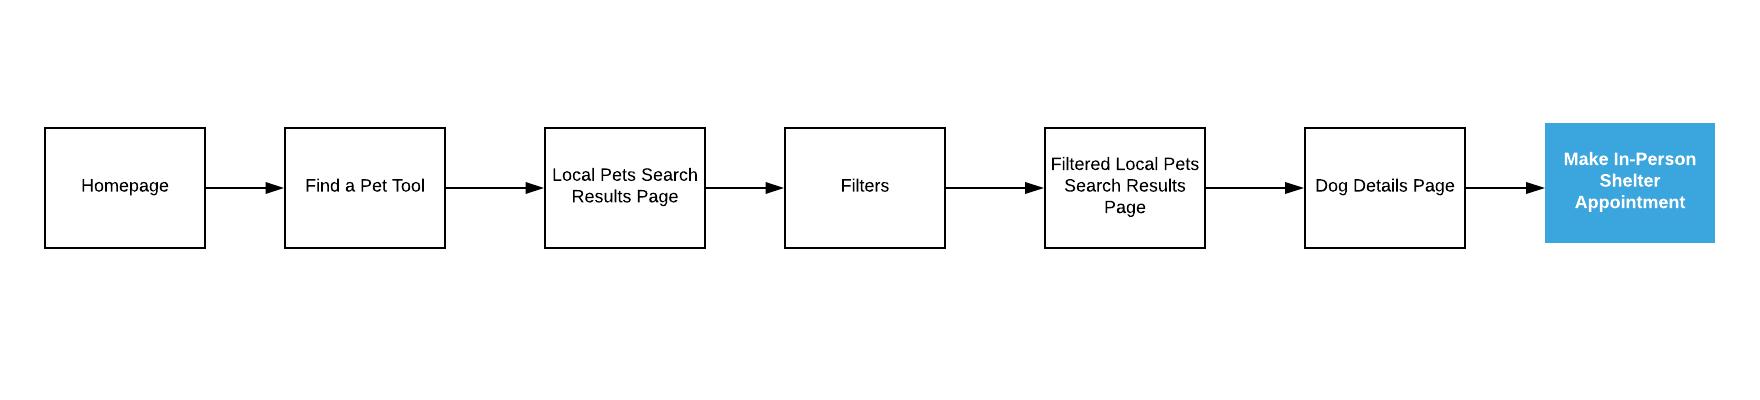 DYR Simple Task Flow.png